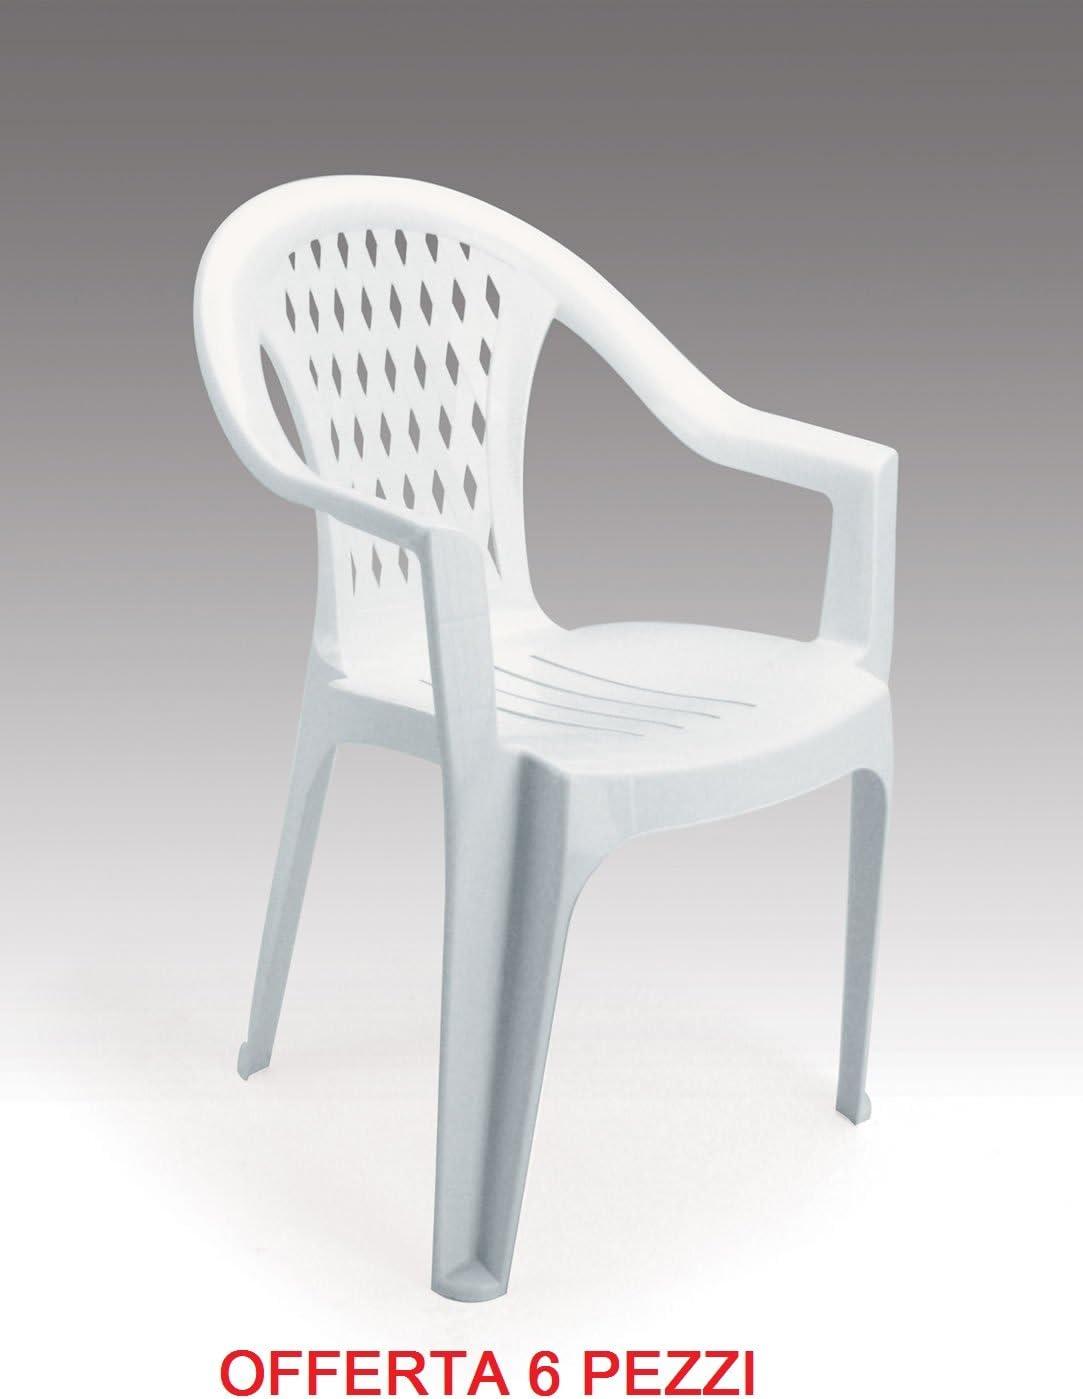 Sedie Plastica Per Giardino.Gbshop Sedia Poltrona Da Giardino Economica In Plastica Resina